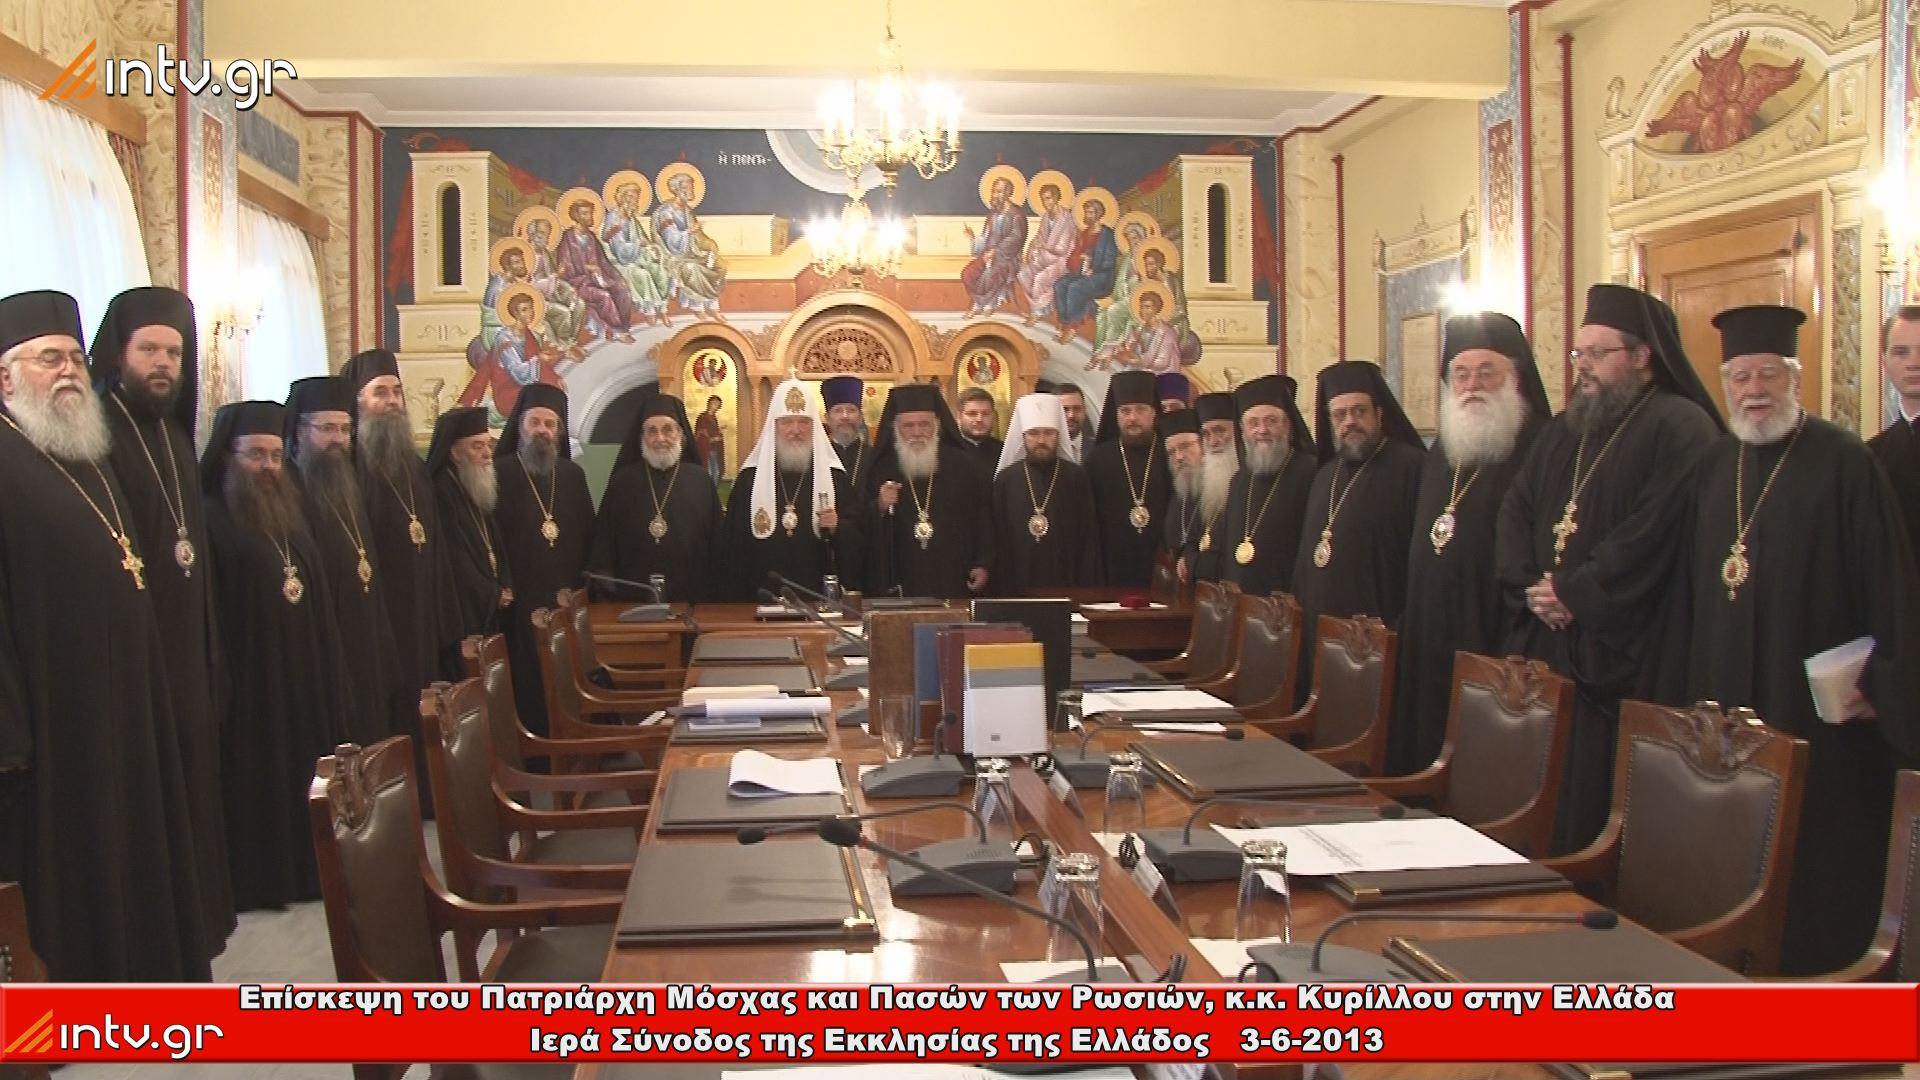 Επίσκεψη του Πατριάρχη Μόσχας και Πασών των Ρωσιών, κ.κ. Κυρίλλου στην Ελλάδα - 3η ημέρα - Ιερά Σύνοδος της Εκκλησίας της Ελλάδος